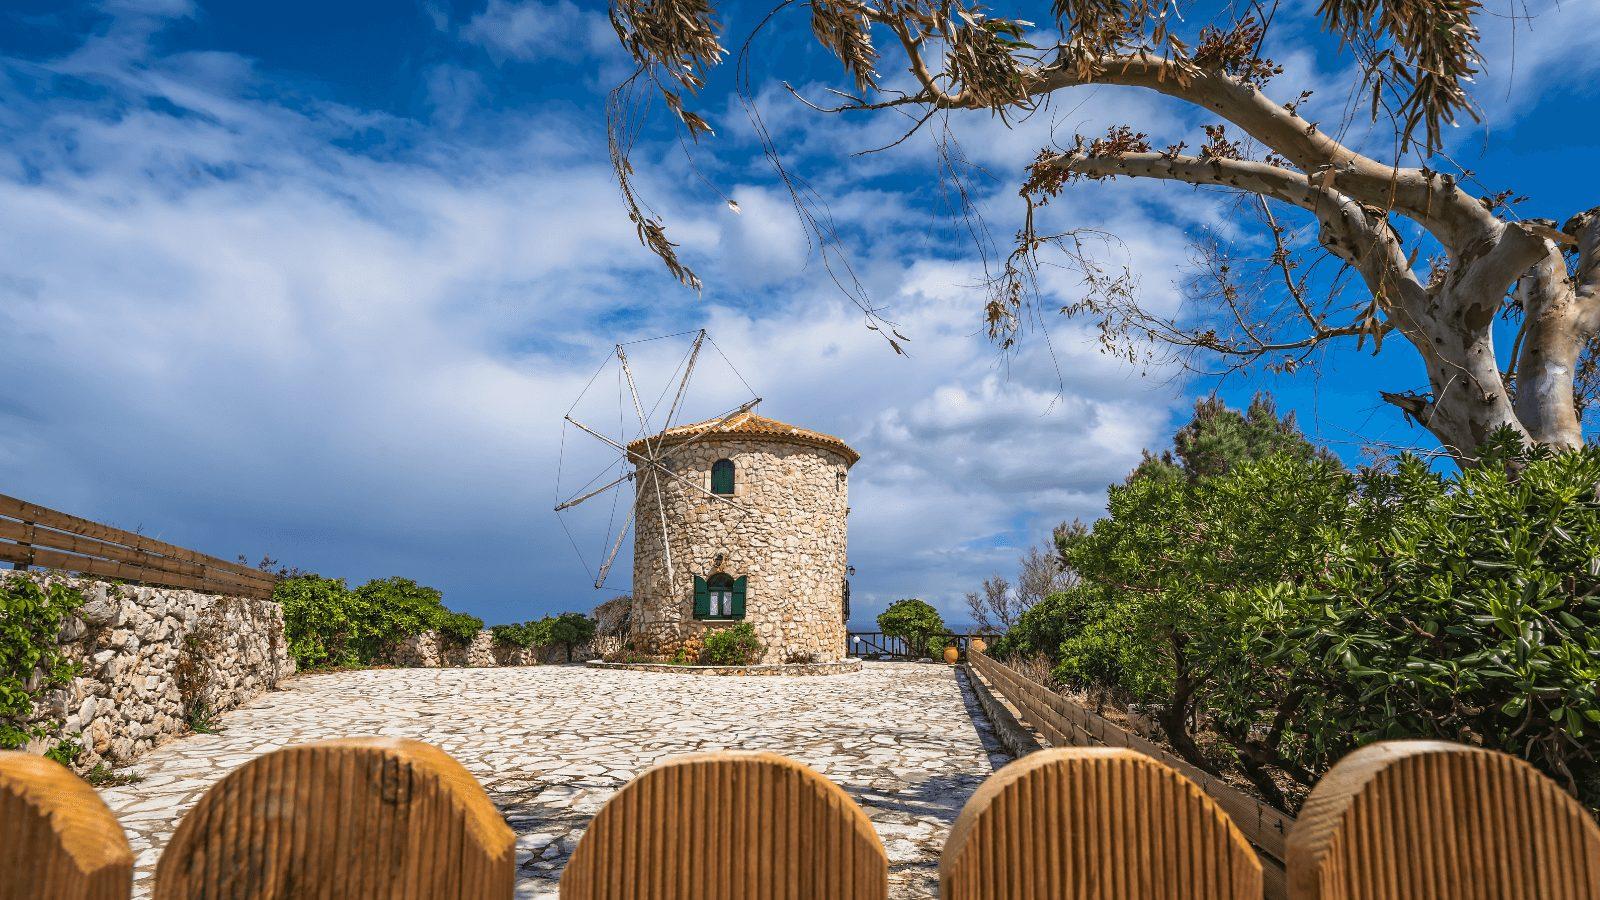 Windmills of Skinari